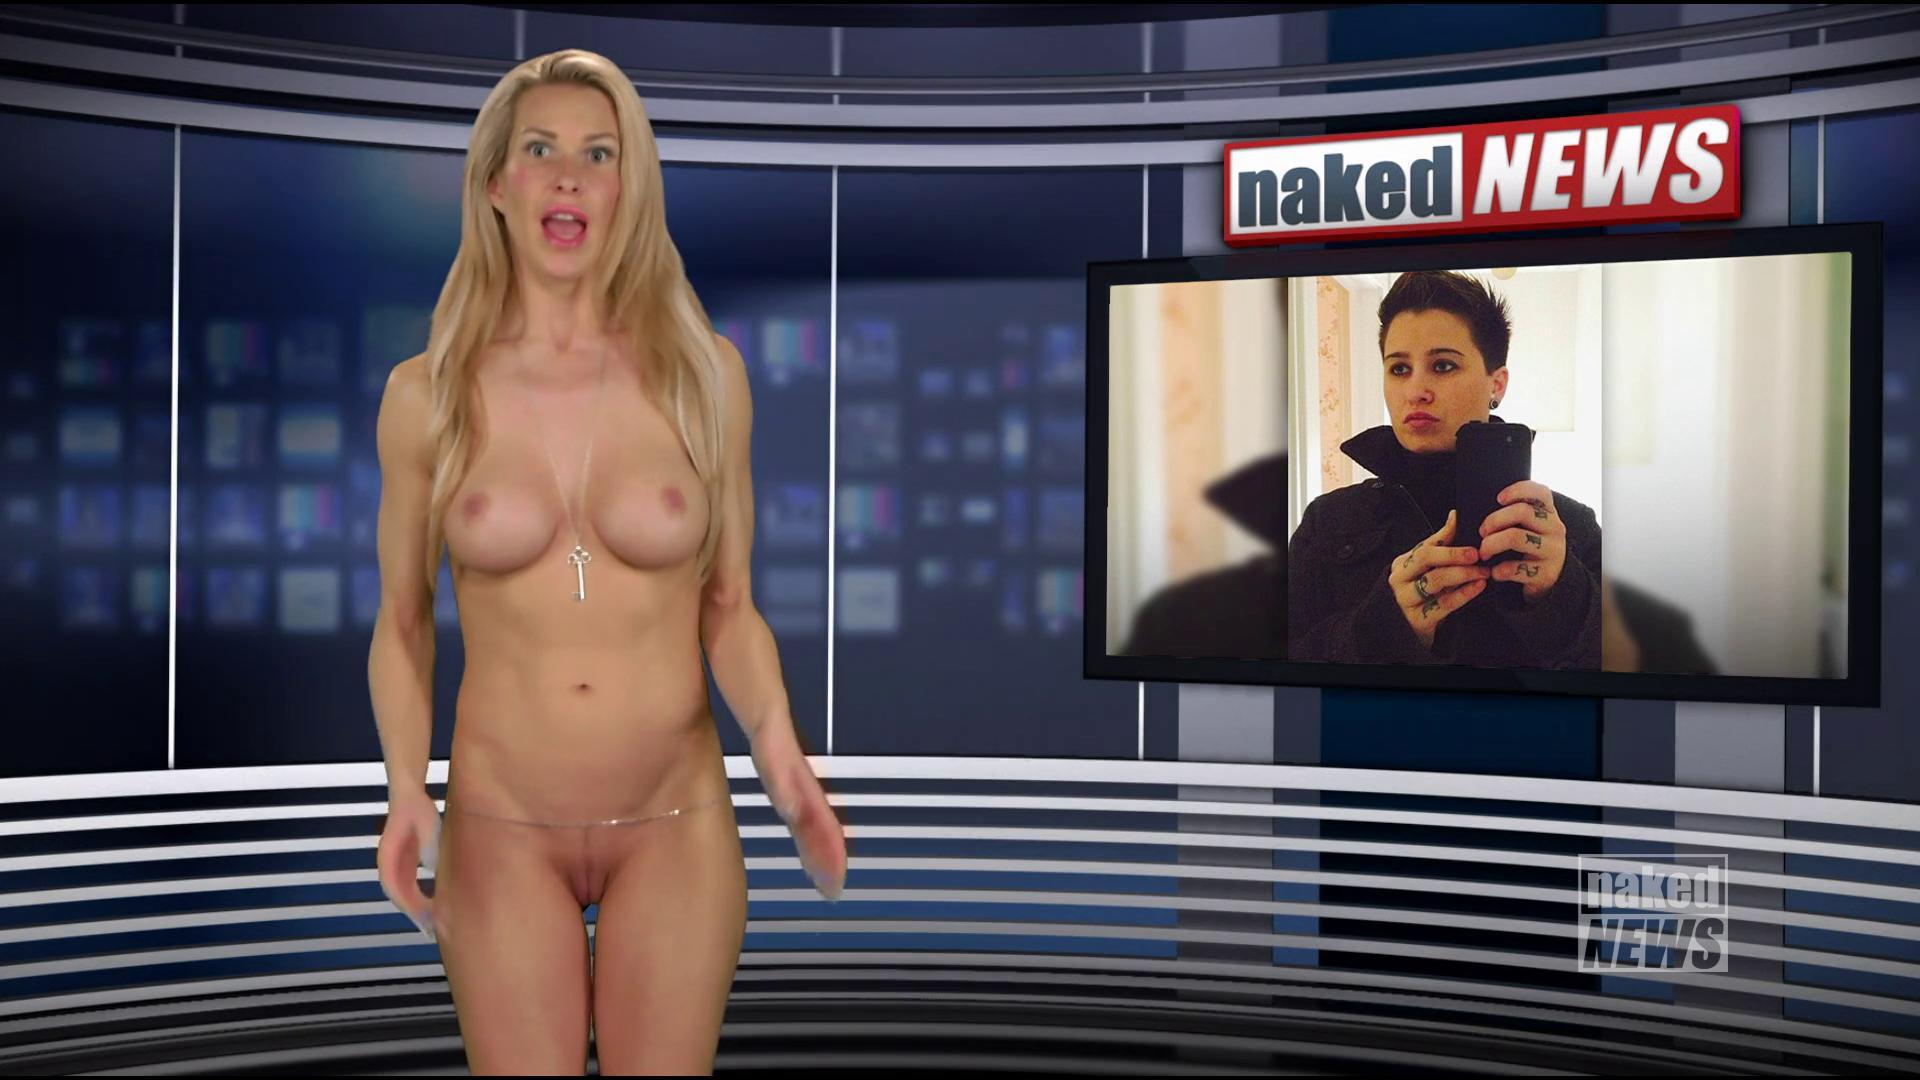 Naked news anchors pics